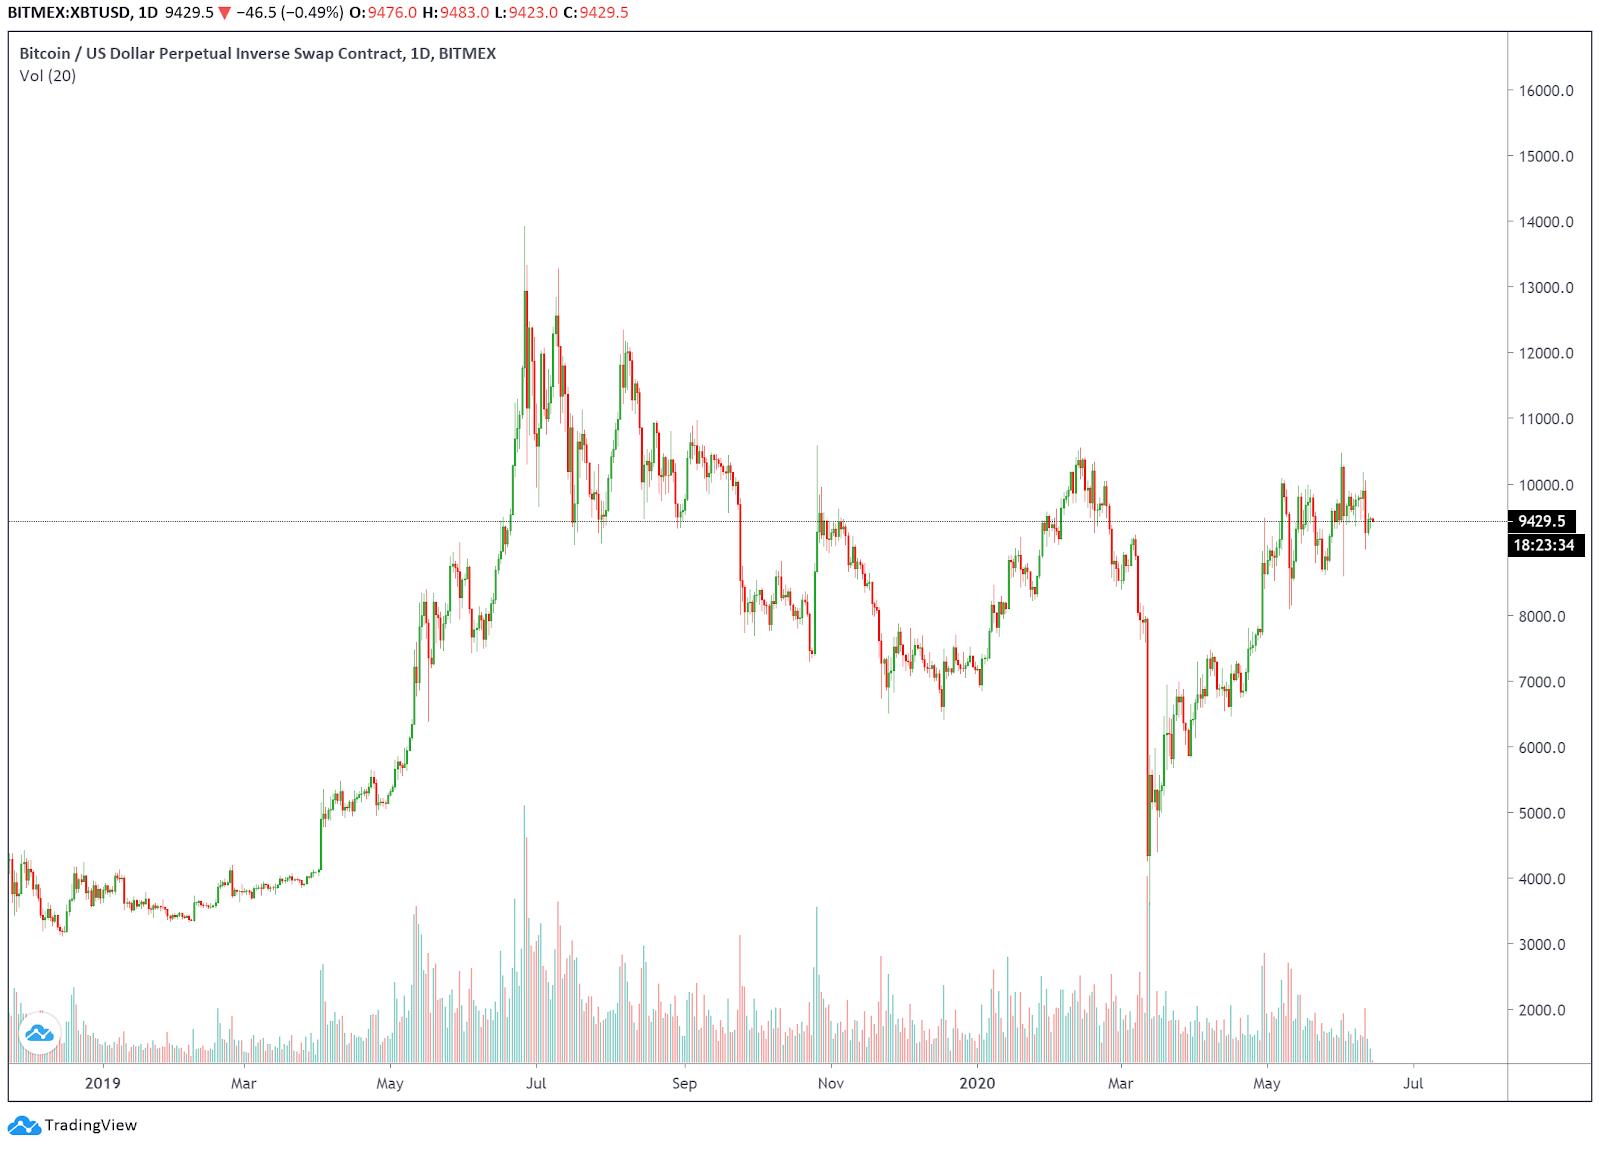 Giá bitcoin nhìn thấy một đầu ba trên biểu đồ hàng ngày. Nguồn: Tradingview